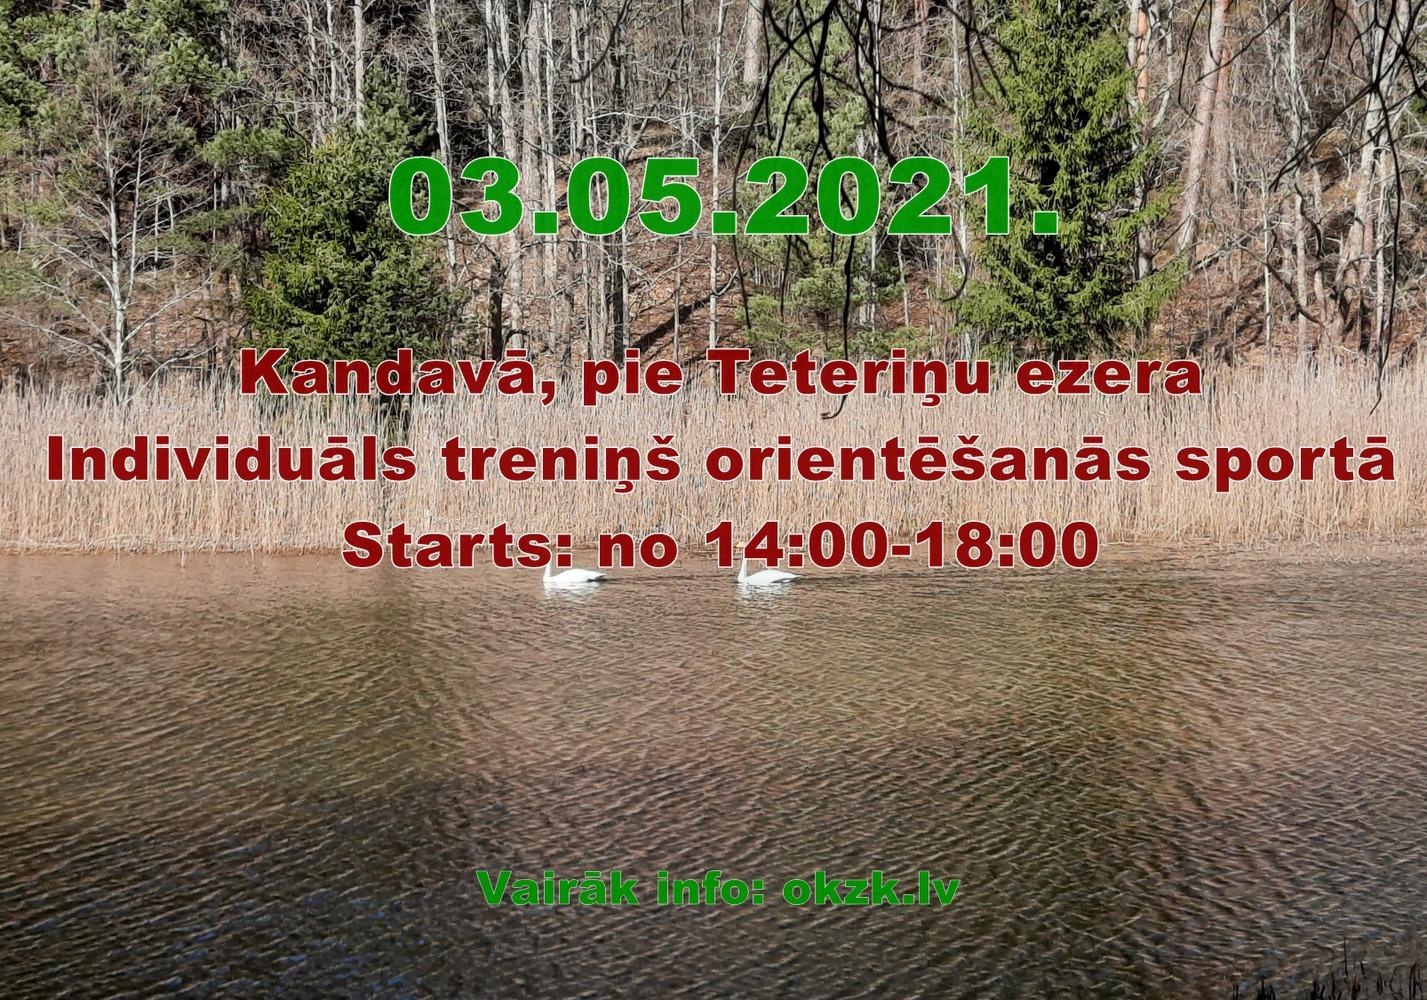 trenins_orientesanas.jpg